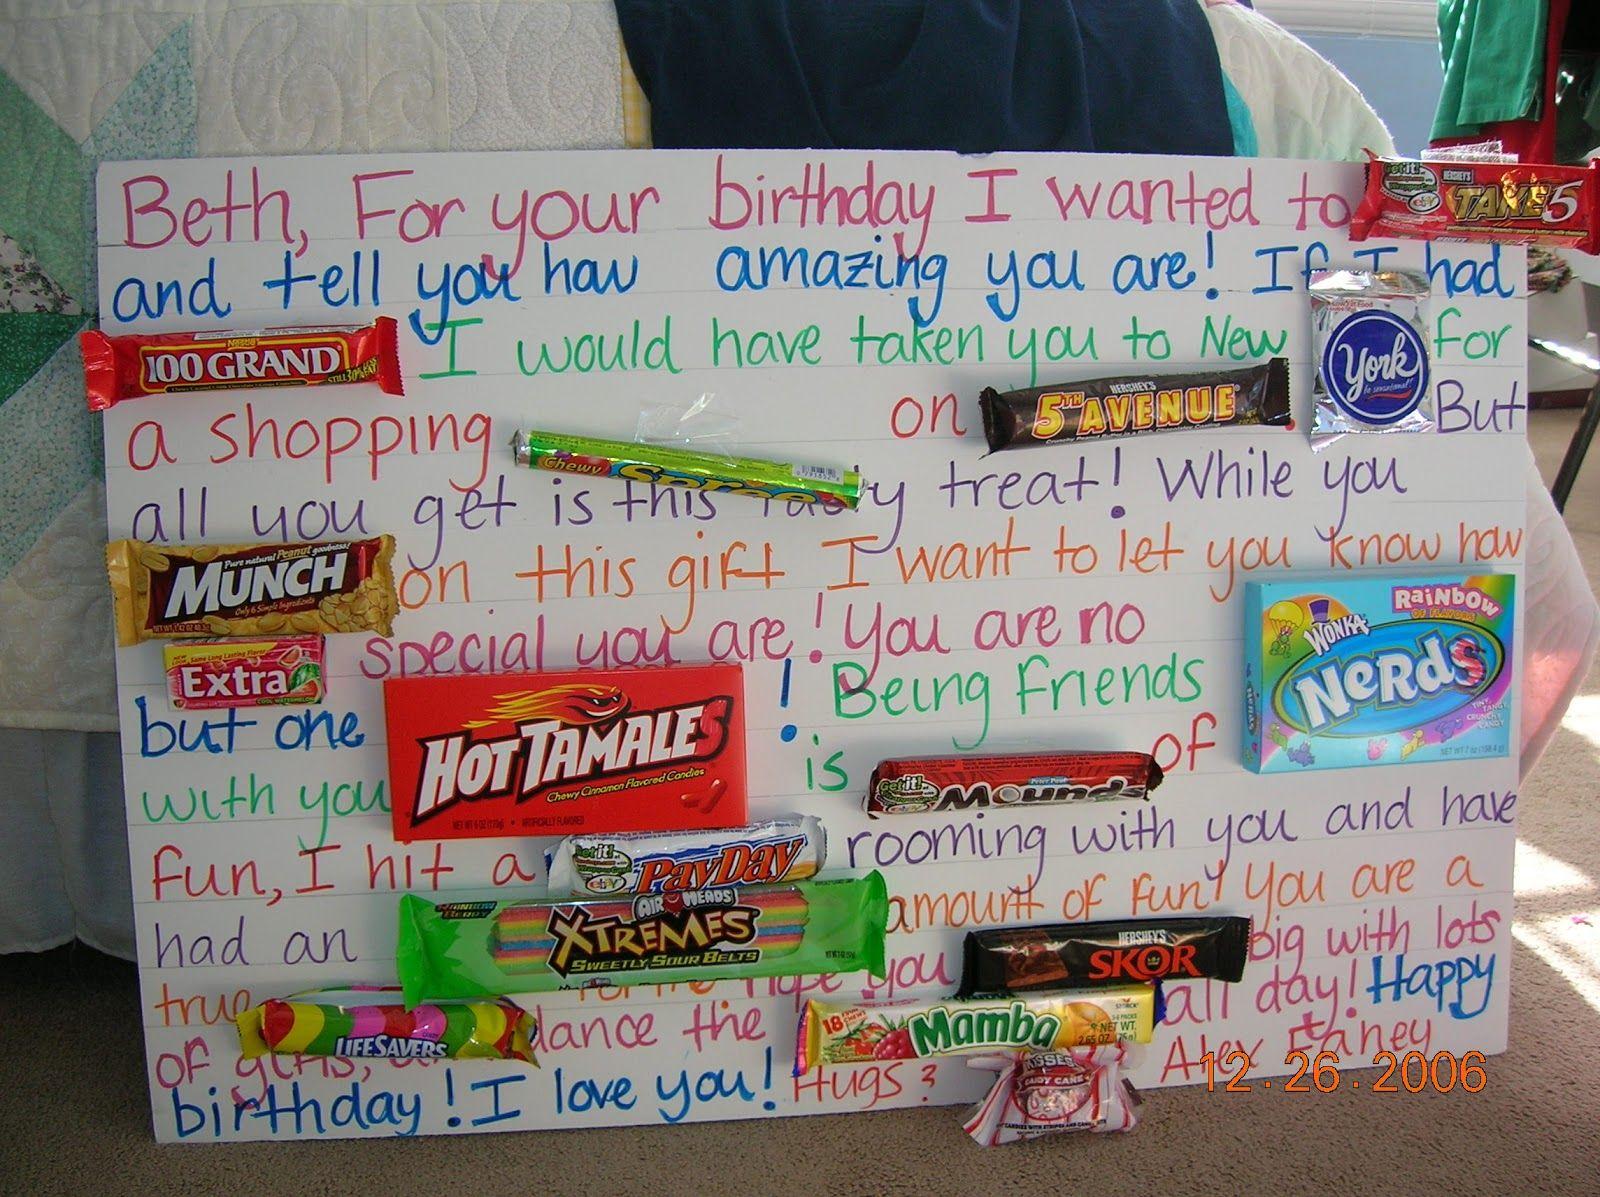 Gift Ideas Birthday Gift Baby Gift Friend Gift Good Birthday Gift Ideas For Boyfr Presents For Best Friends Birthday Gifts For Best Friend Best Friend Birthday